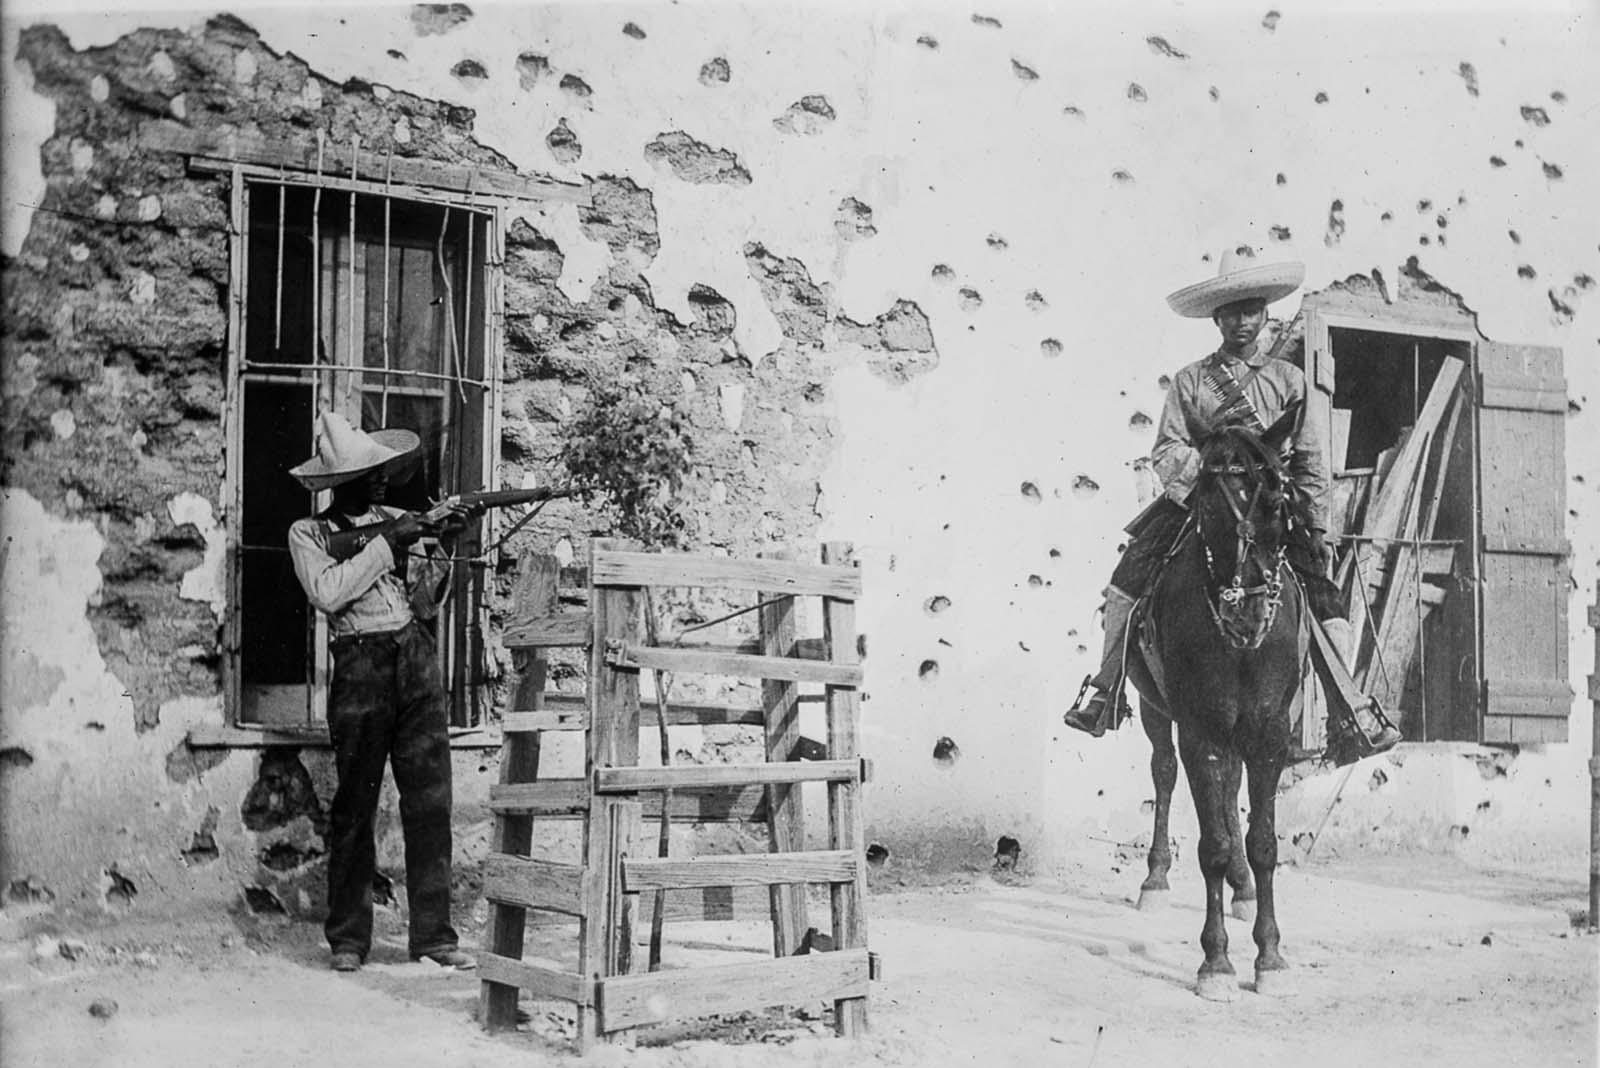 Lázadók egy golyólyukokkal teli vályogház előtt Ciudad Juárezben.